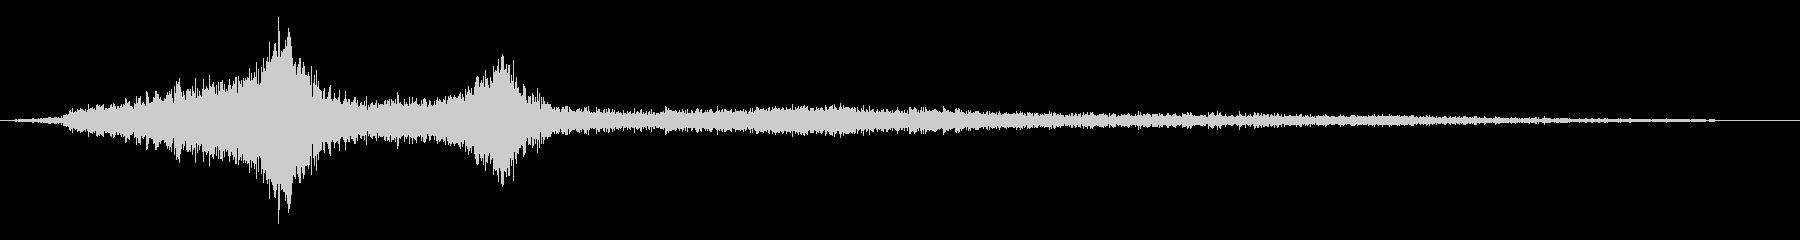 ホラー映画に出てきそうなノイズ系音源18の未再生の波形